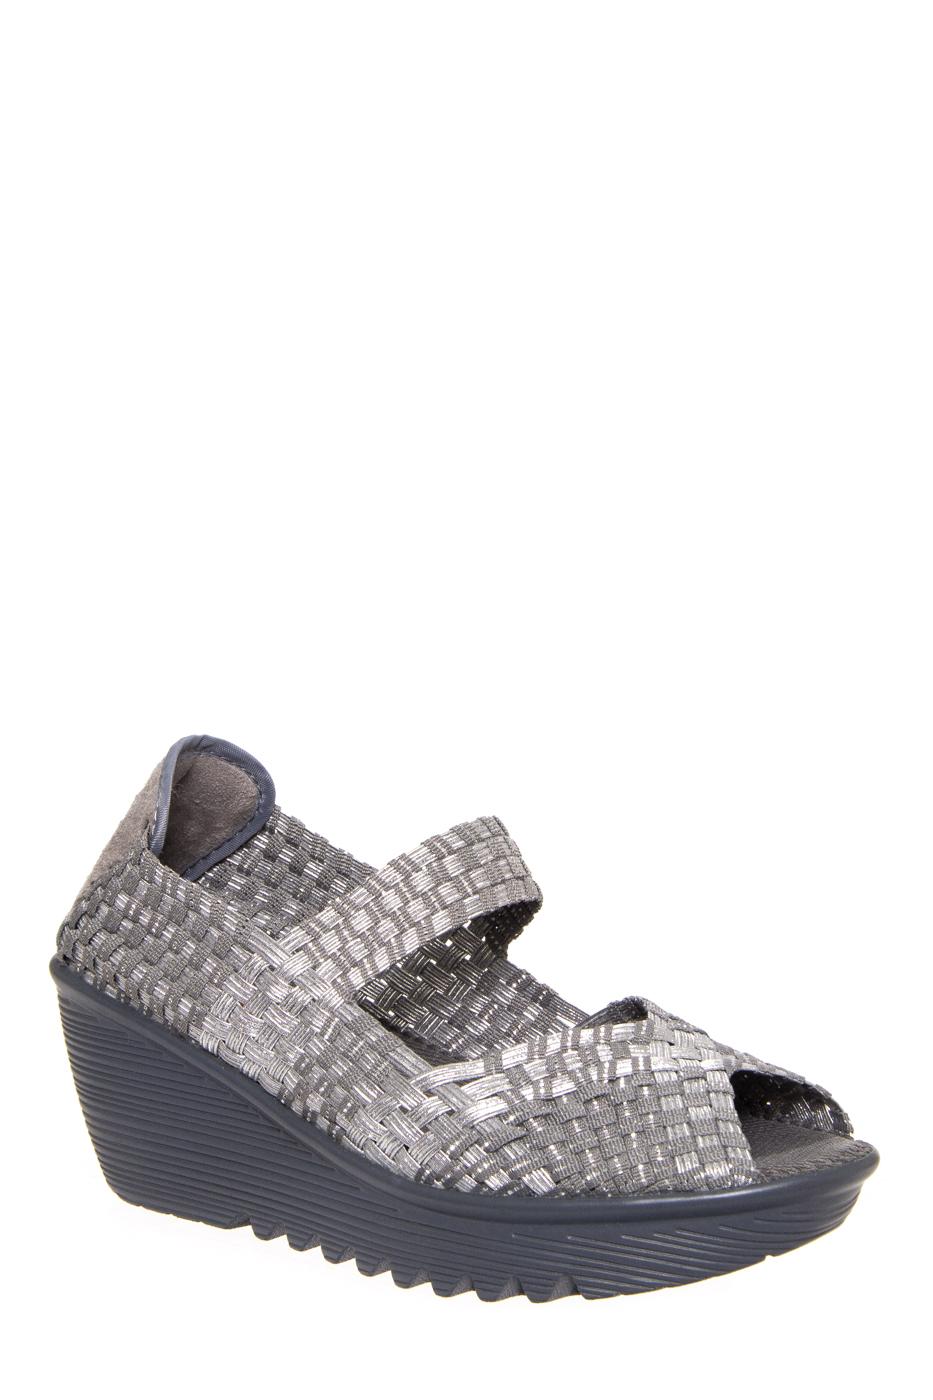 BERNIE MEV Hallie Mid Wedge Peep Toe Sandals - Silver / Grey